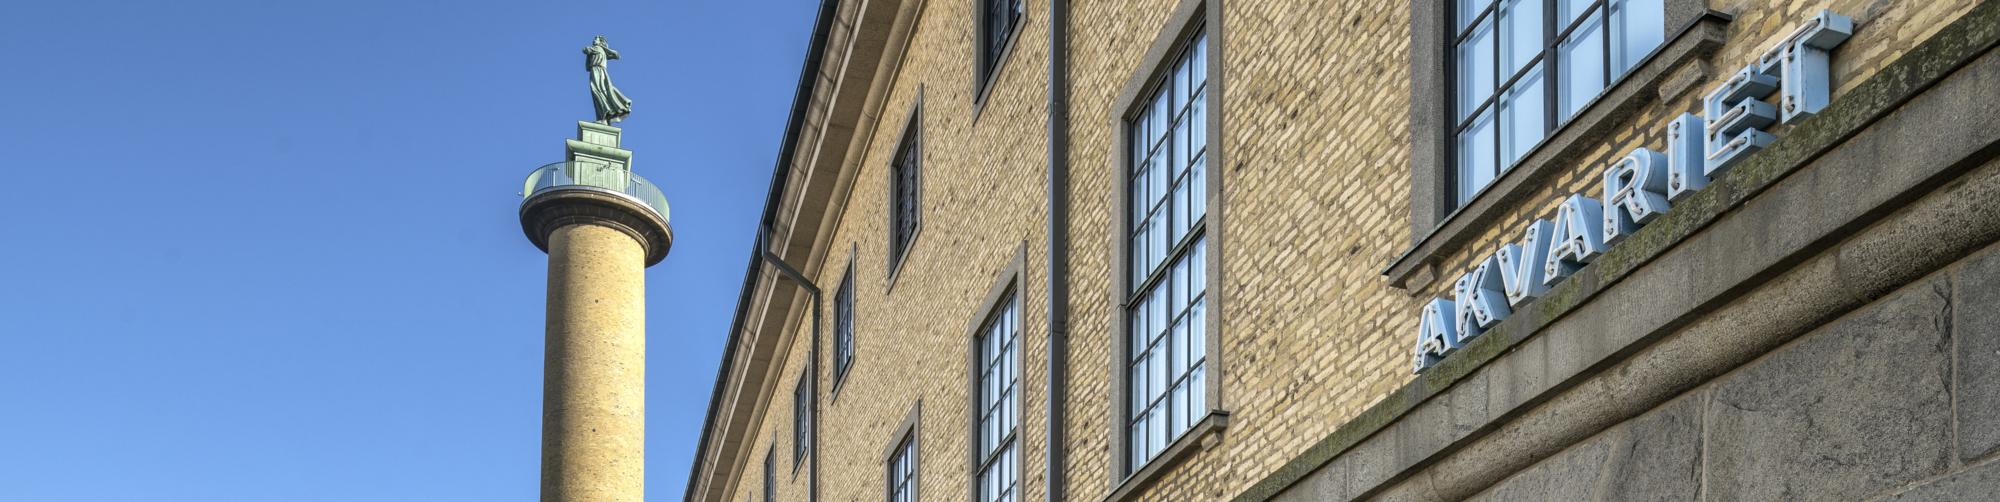 Sjömanstornet och Sjöfartsmuseets fasad.